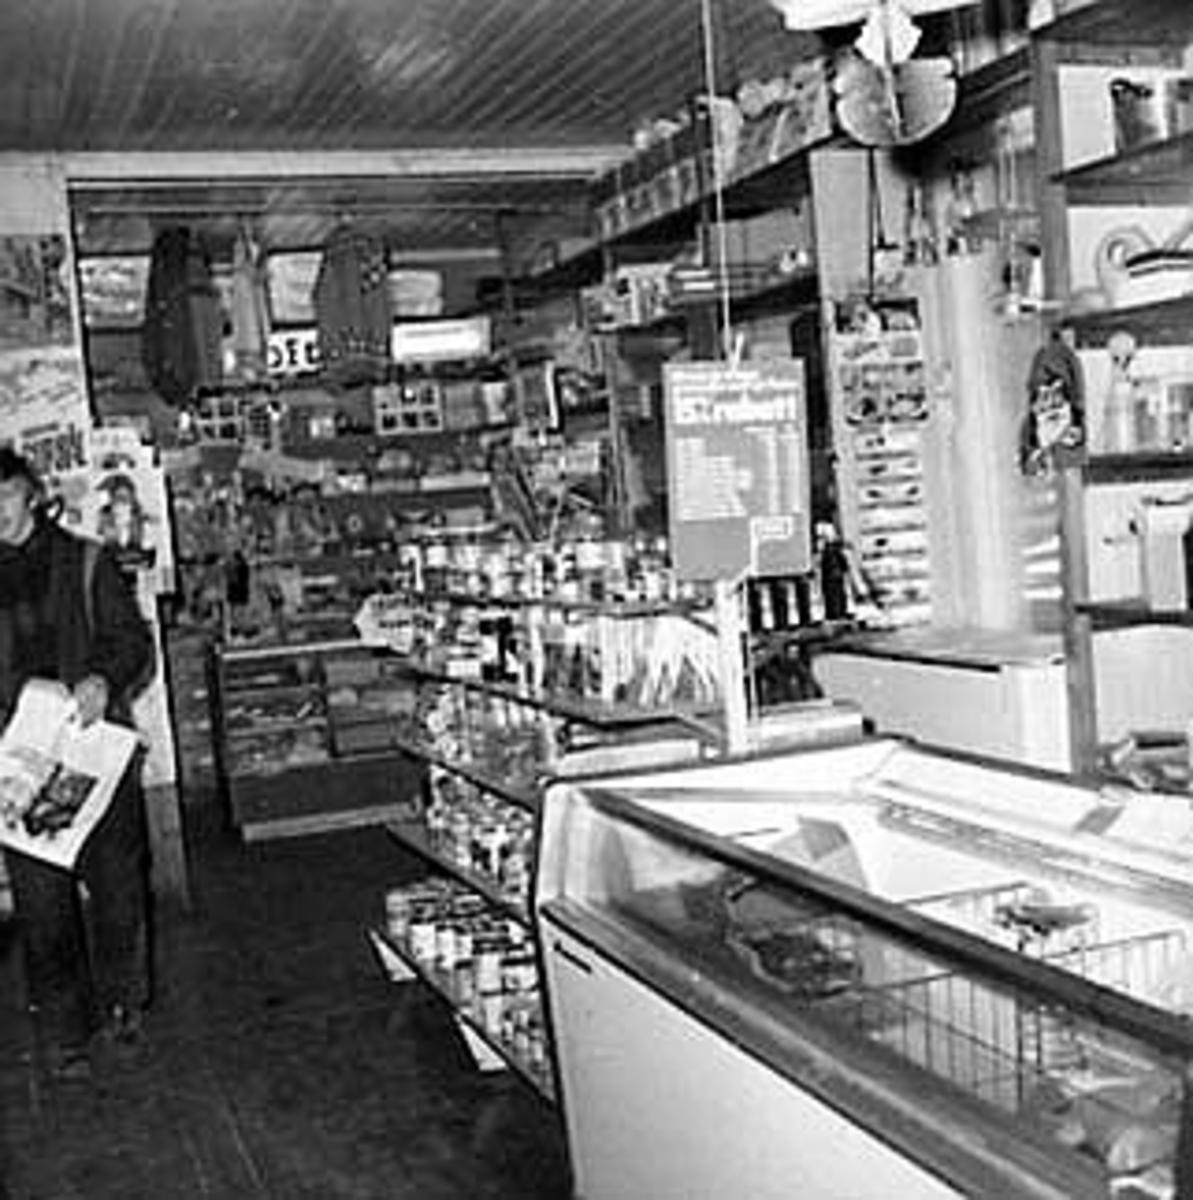 INTERIØR: SKJELVENGA HANDEL, BUTIKK, LANDHANDLERI, EKSPEDITØR, DISK, VARER. Rolf A. OLsen ekspederer kunde. Vekt, kaffemaskin, mineralvann, reklame.